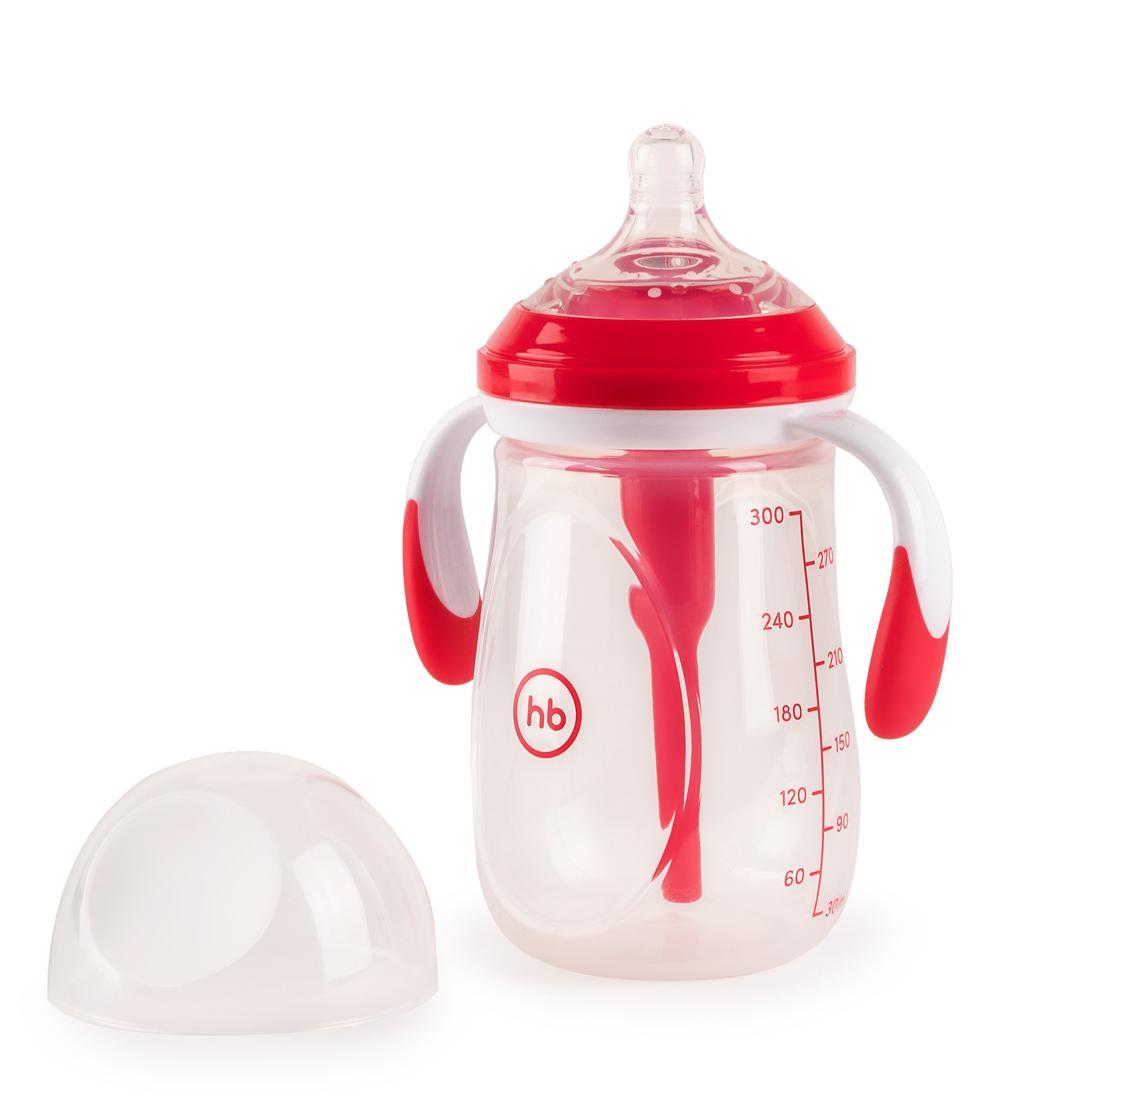 Бутылочка HAPPY BABY антиколиковая с ручками и силиконовой соской ruby, 300 мл.